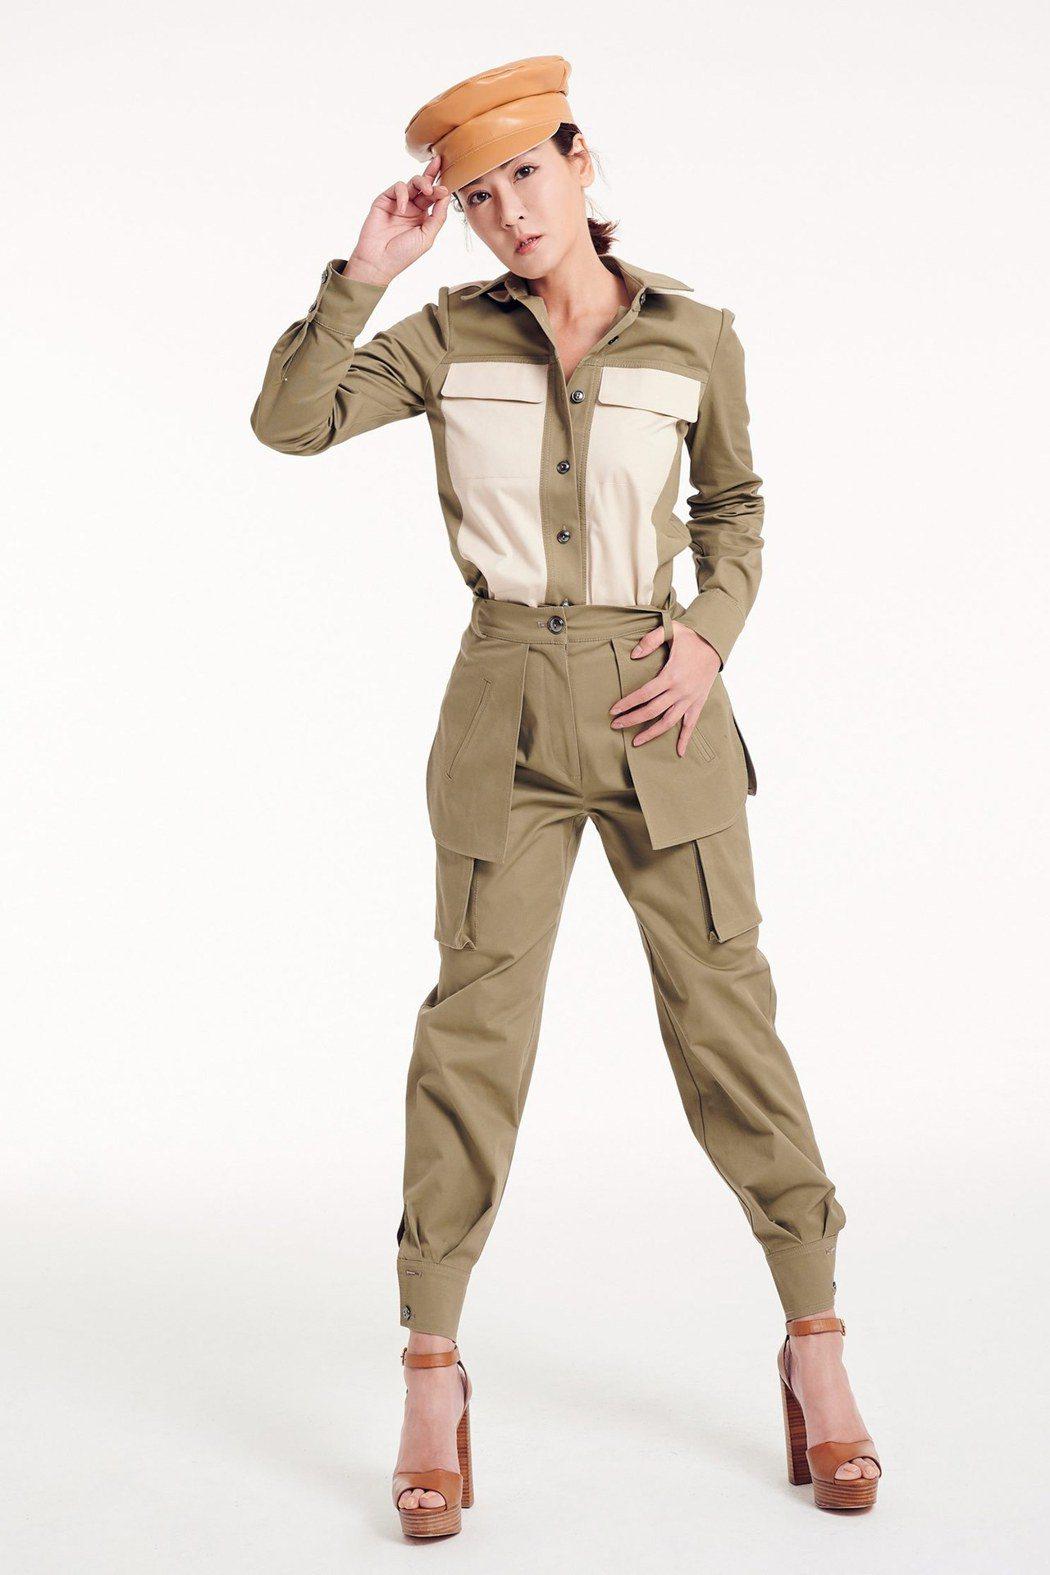 邱琦雯拍攝新款服裝時展露超酷性格及表情。圖/艾迪昇提供